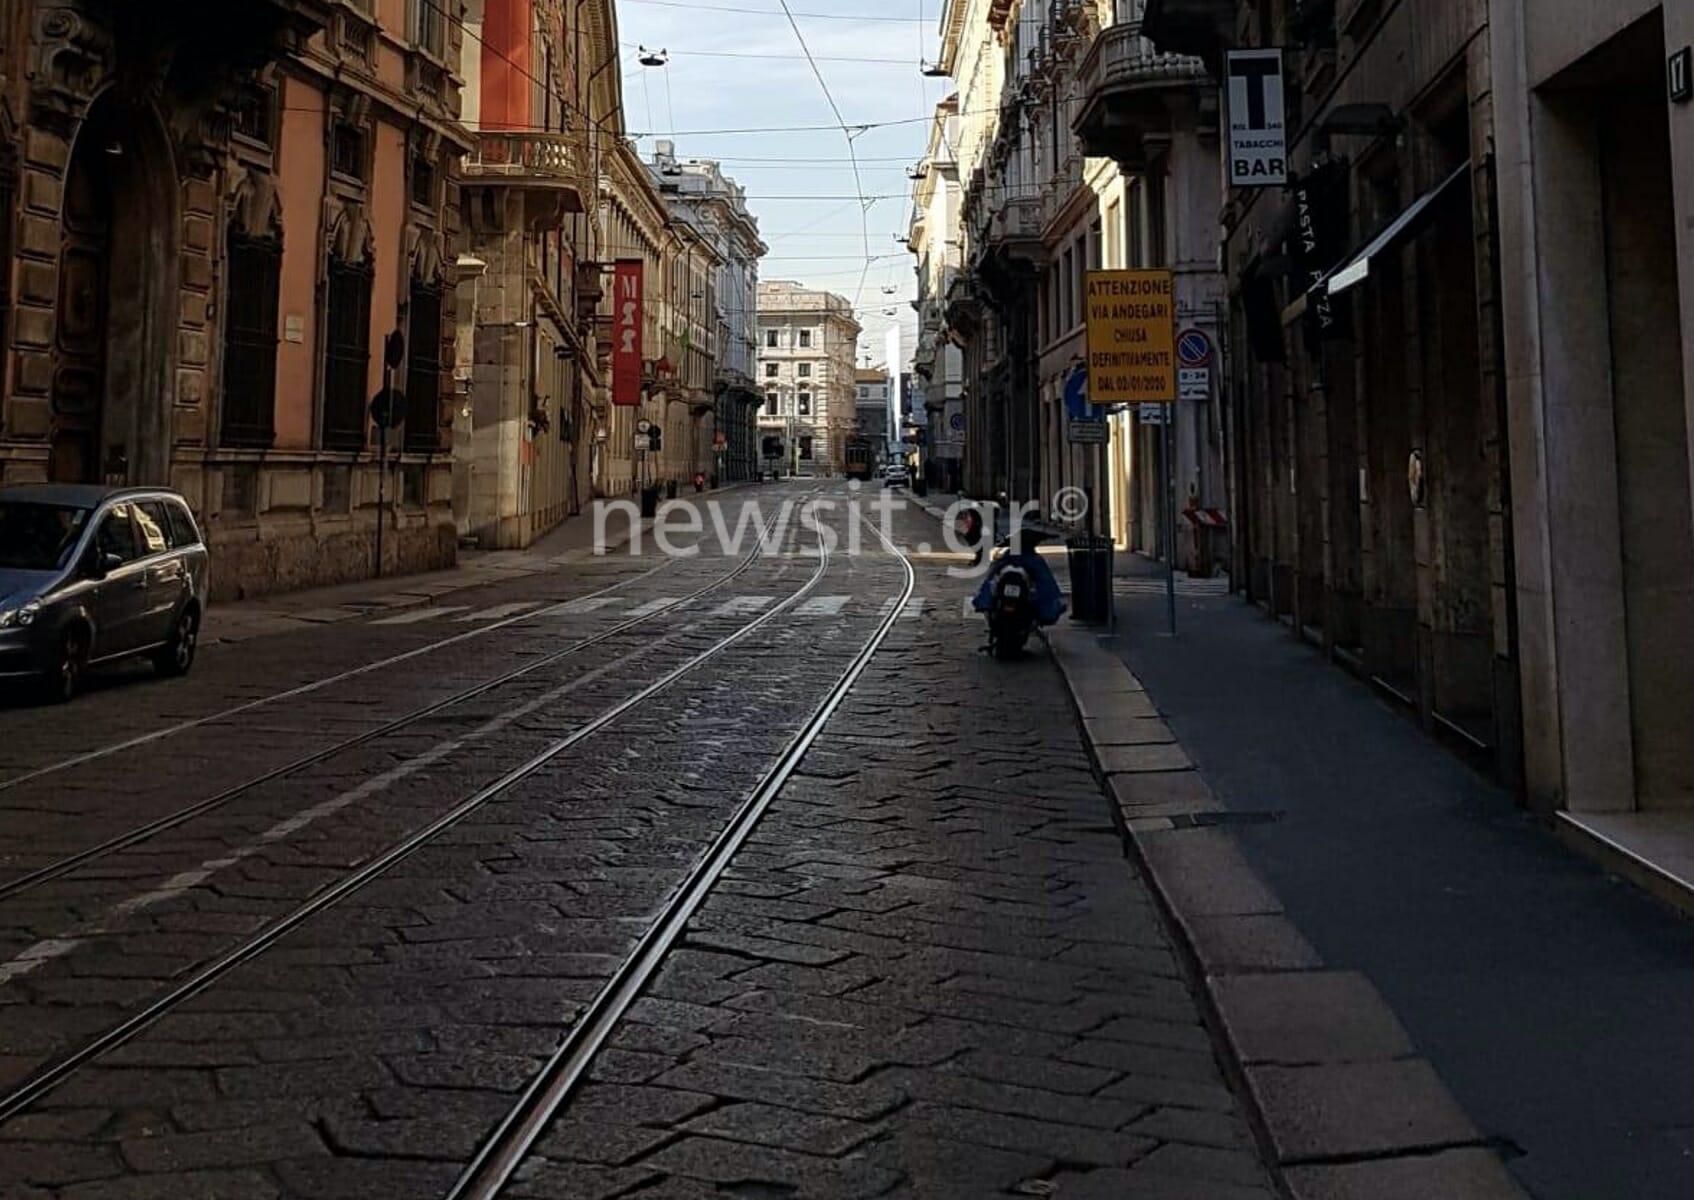 Κορονοϊός: Νεκρή πόλη το Μιλάνο! Φωτογραφίες σοκ